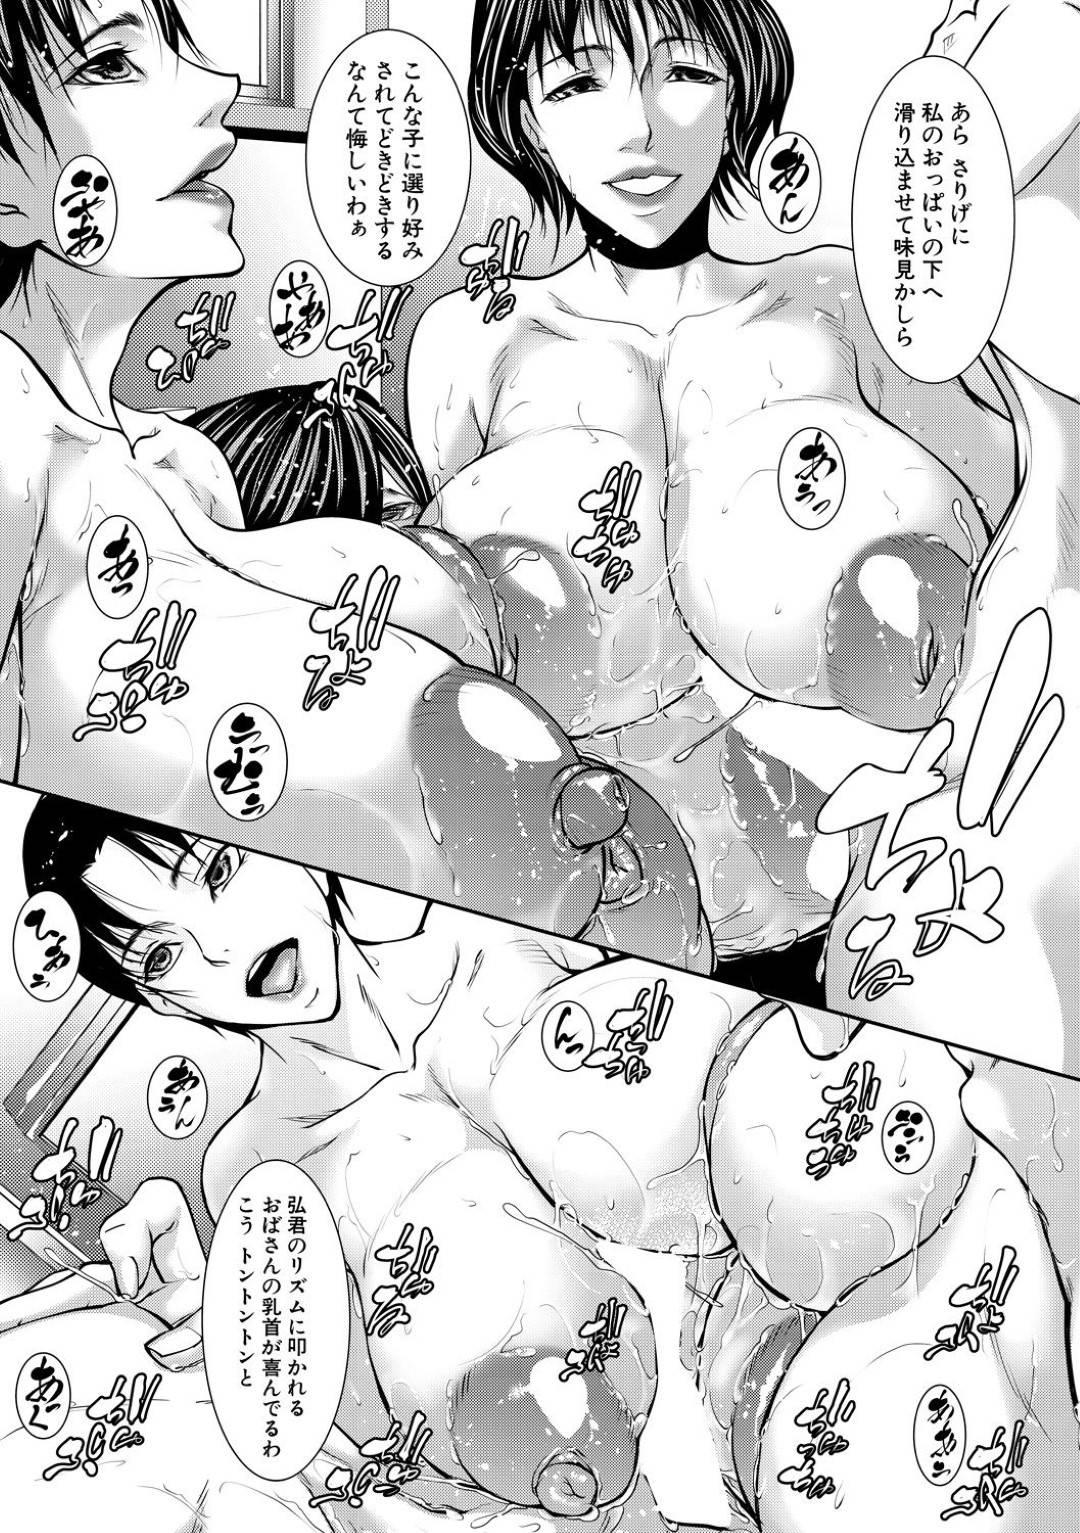 雨を浴びて家へ入り服を脱ぎ始めた人妻たち…ショタを逆レイプに4Pしてど変態な中出しセックスしちゃう!【青妬かげ:人妻蒸気浴】